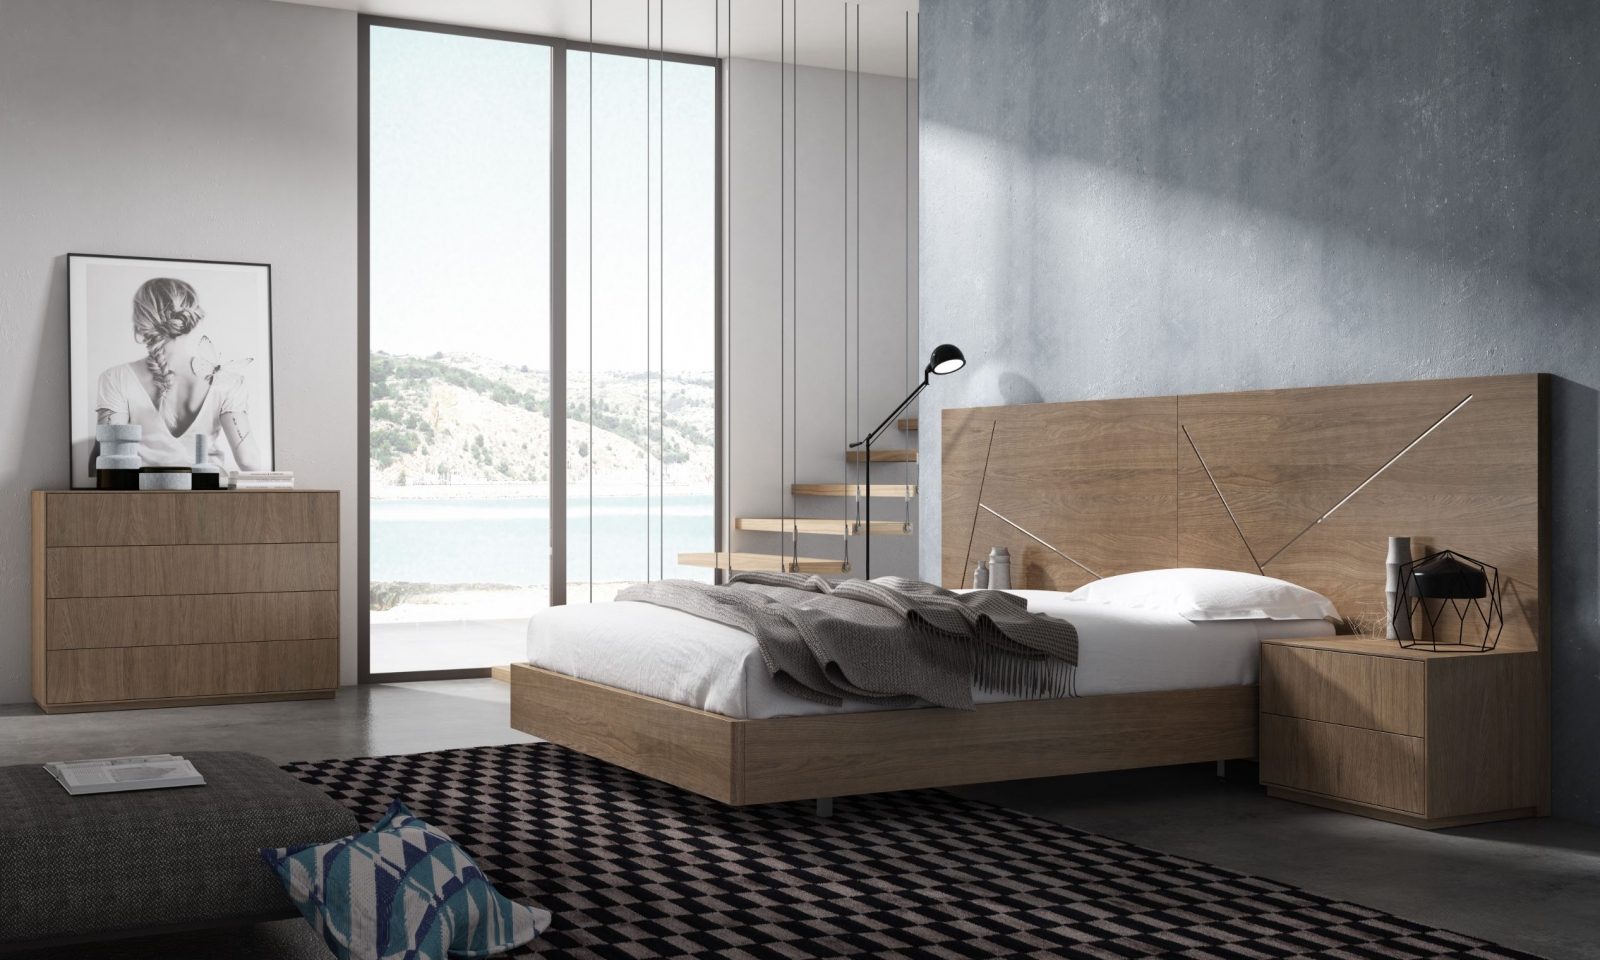 Conjunto de Dormitorio MINIMAL-3 - Conjunto de Dormitorio MINIMAL-3